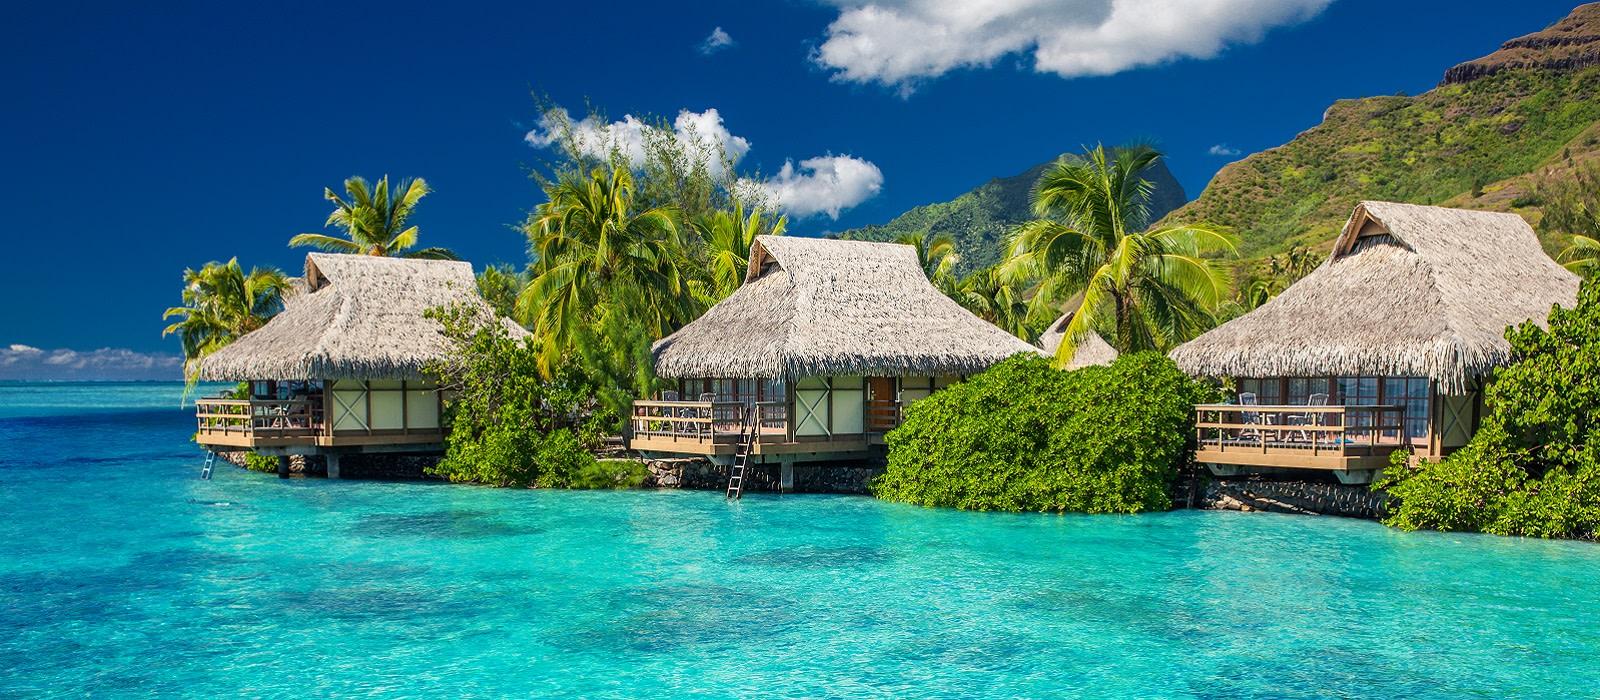 Französisch Polynesien – romantische Reise von Insel zu Insel Urlaub 1